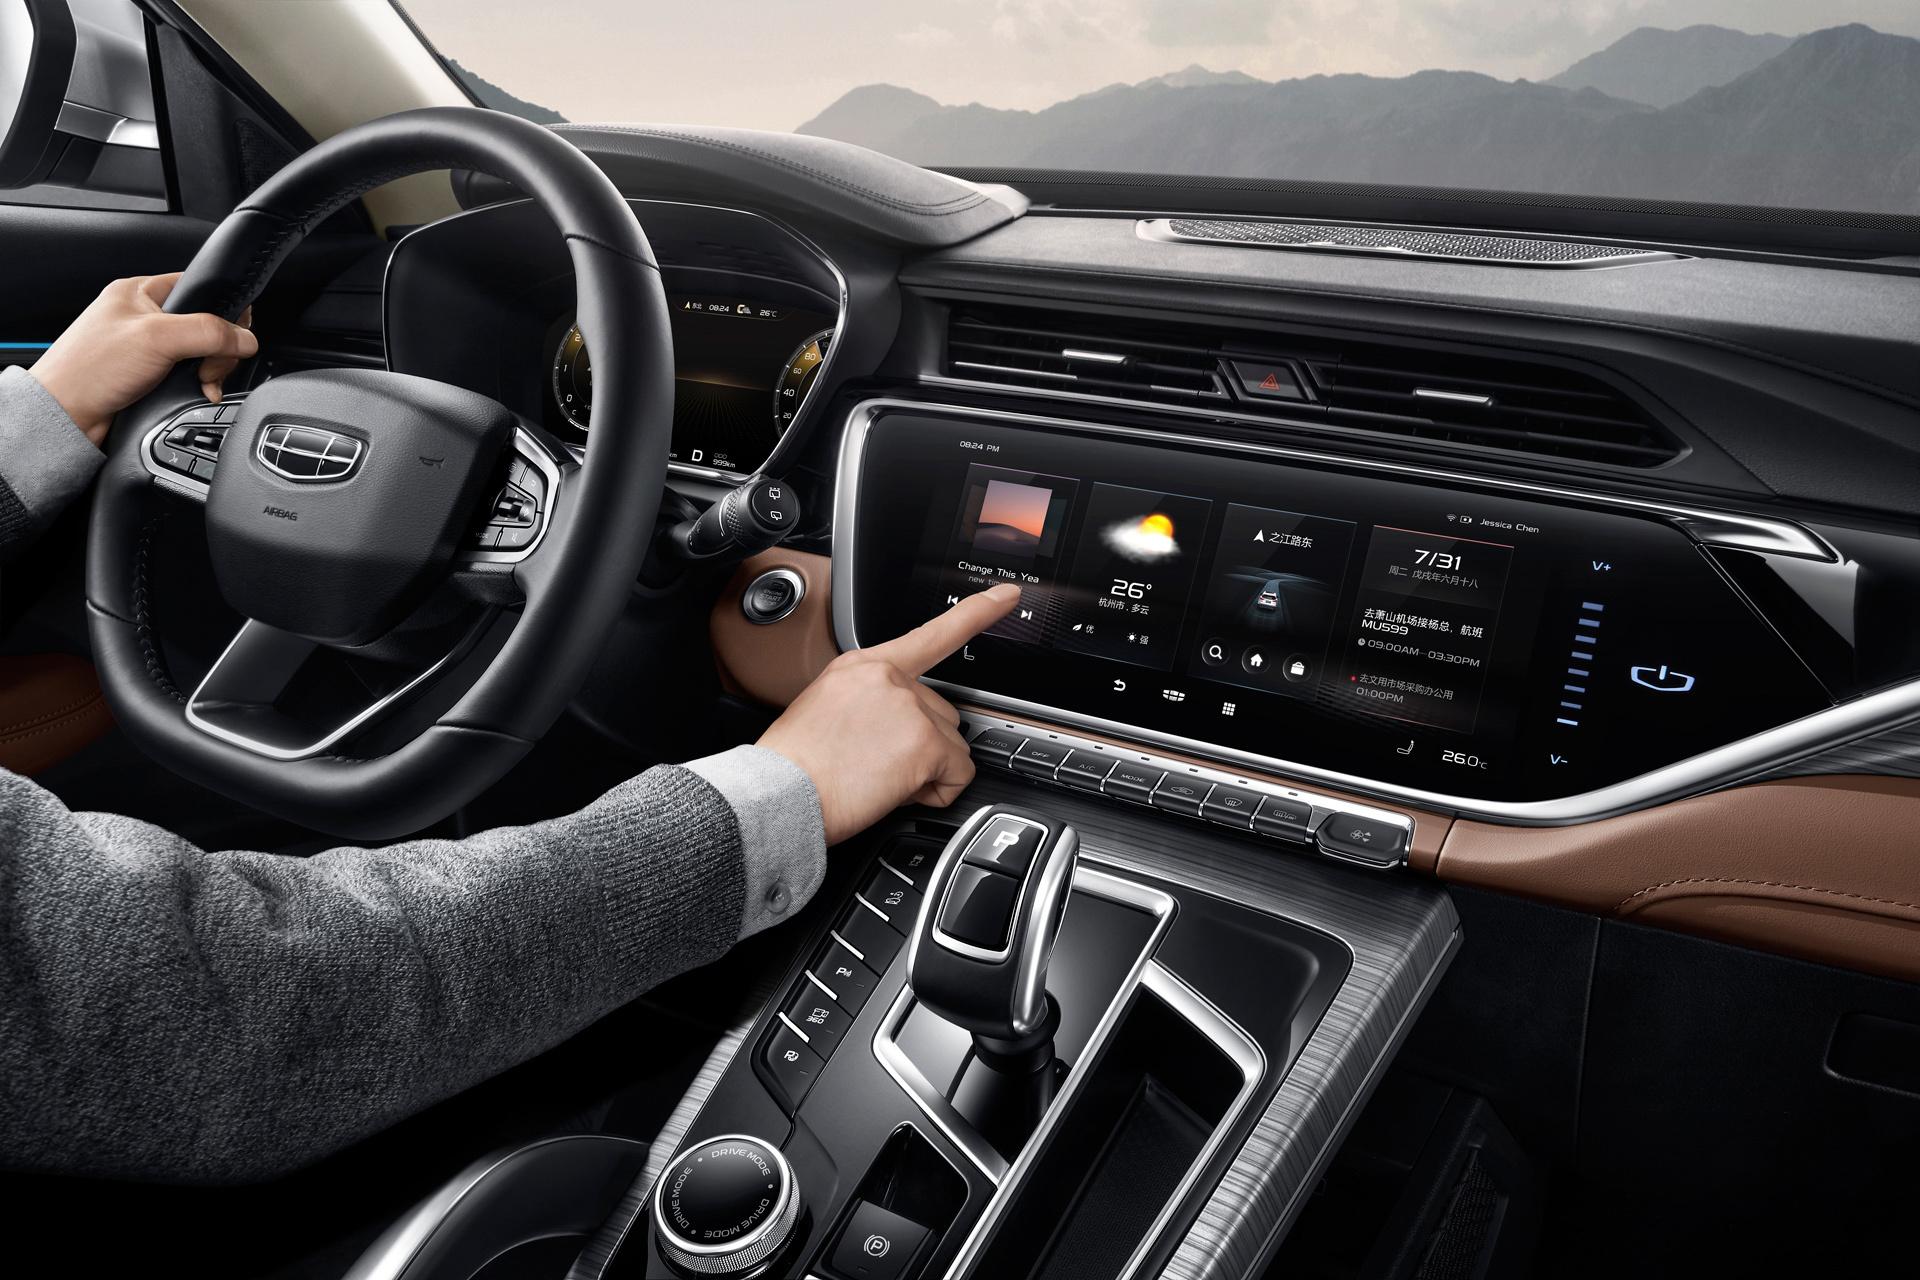 Фирма Geely объявила о грядущей презентации новой системы полного привода: модели марки получат электромотор, приводящий в движение задние колёса. Первым кроссовером с этой «фишкой» окажется Bo Yue Pro (другое название – Atlas Pro).